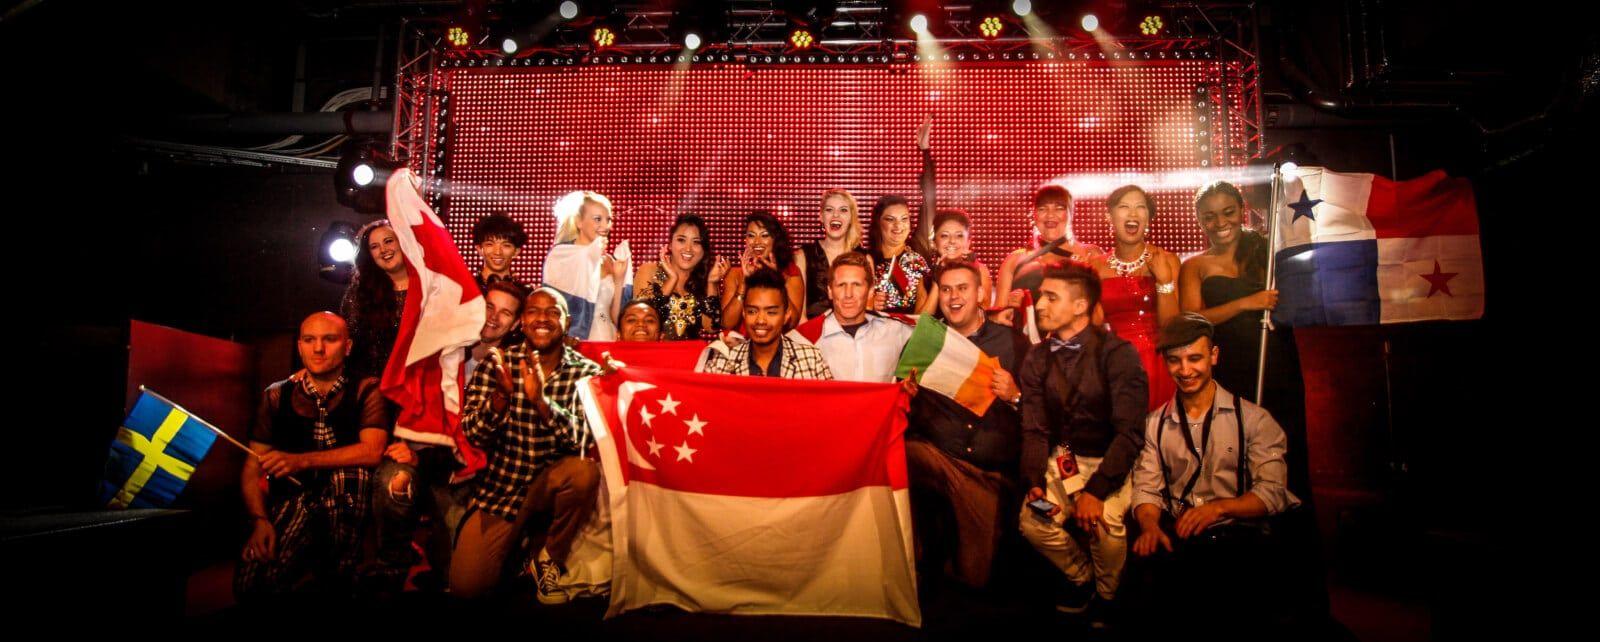 KWC 2014 semifinalists